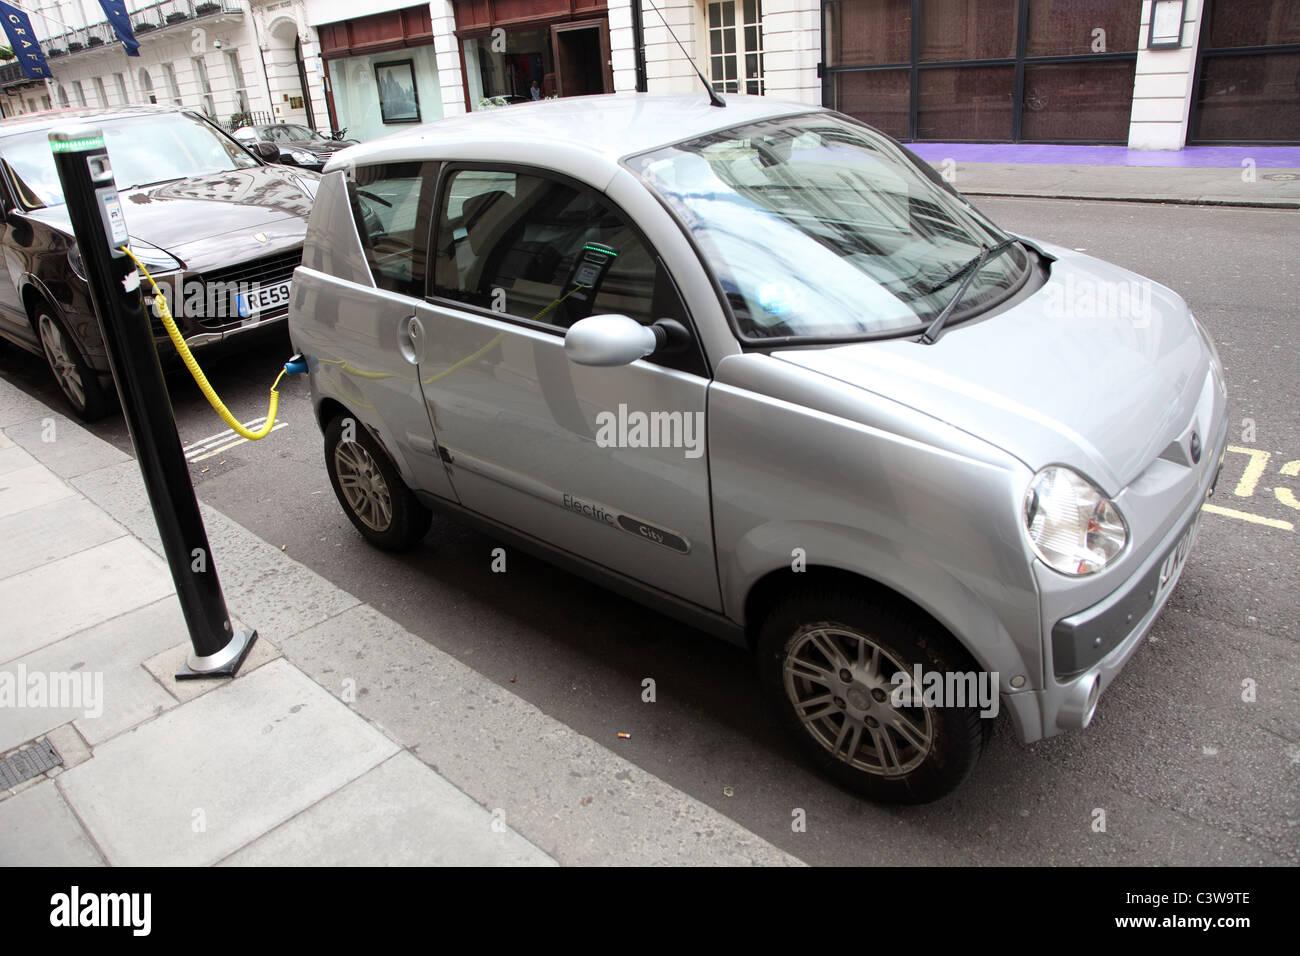 Carga de la batería de coche eléctrico, Londres W1 Imagen De Stock